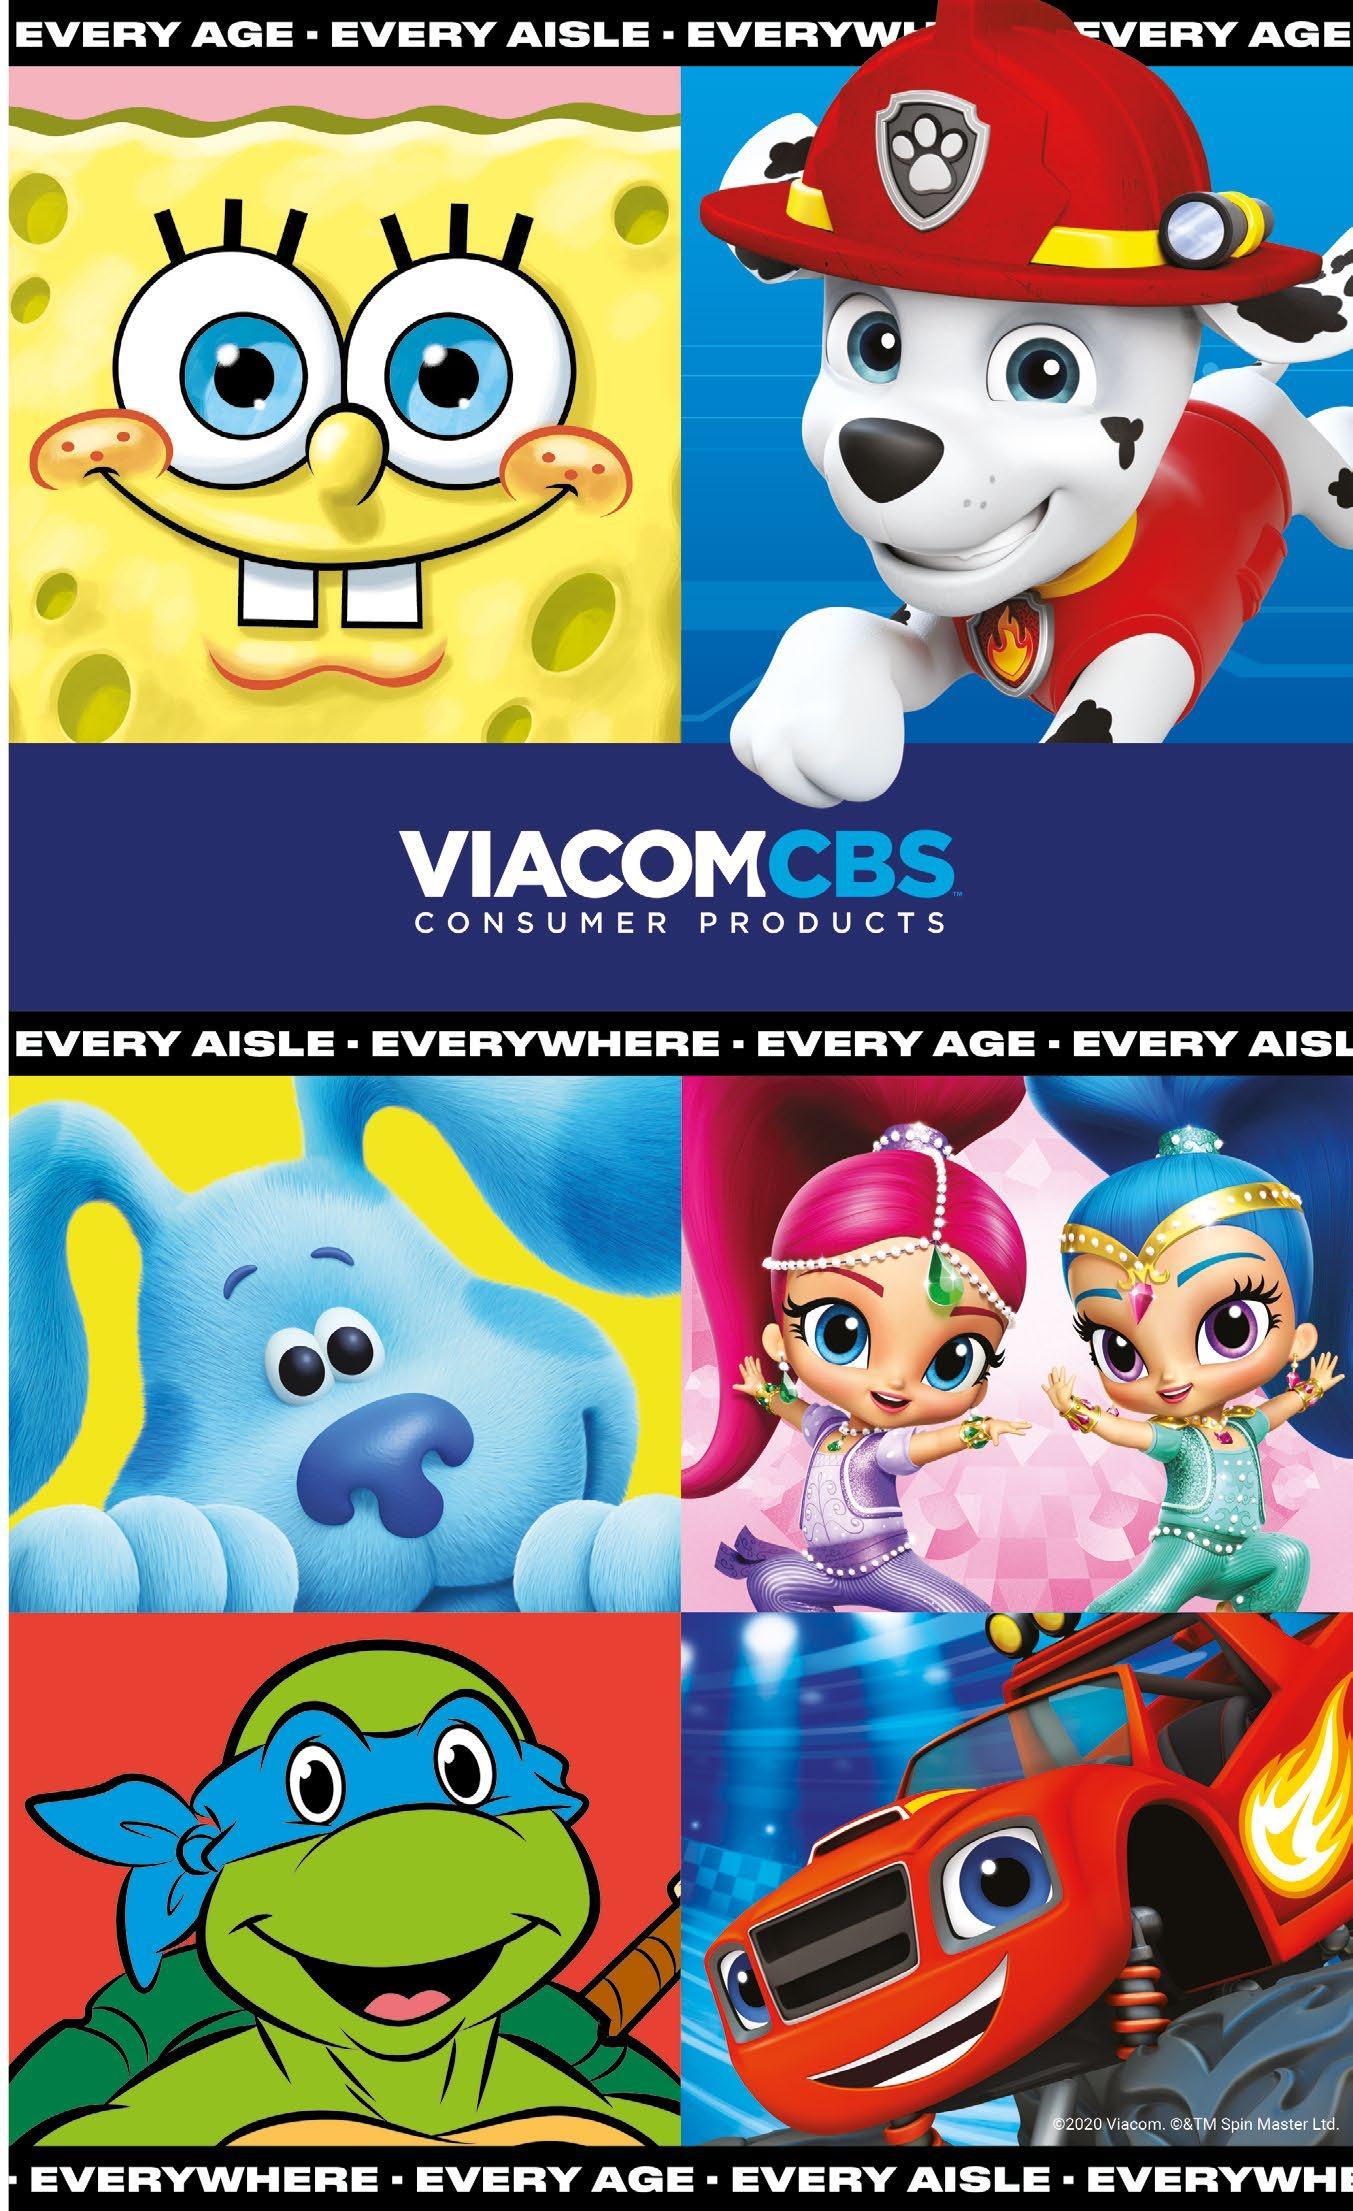 Page 1 of ViacomCBS